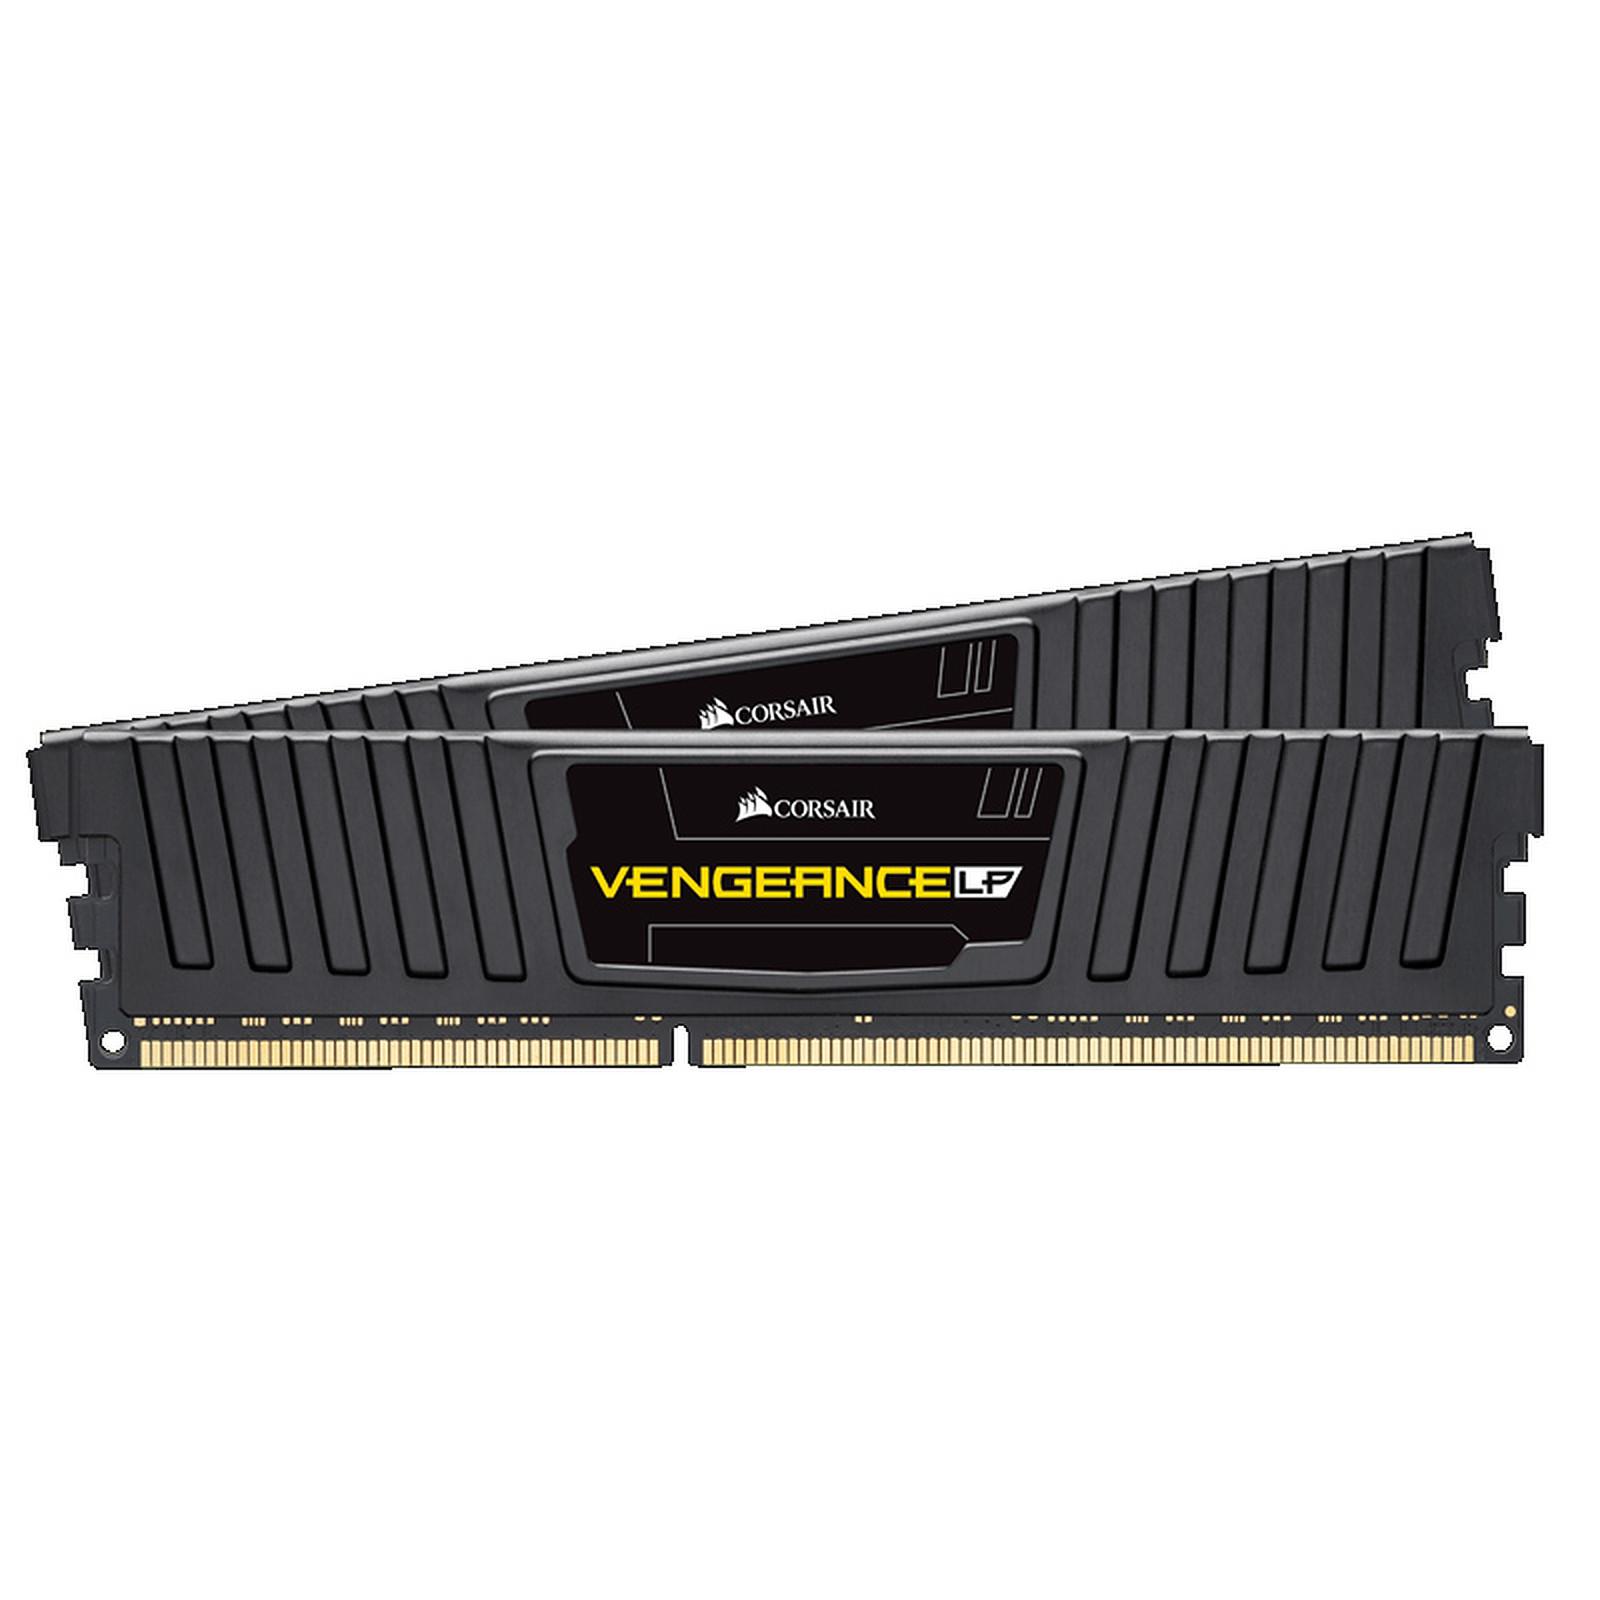 Corsair Vengeance Low Profile Series 8 Go (2 x 4 Go) DDR3L 1600 MHz CL9